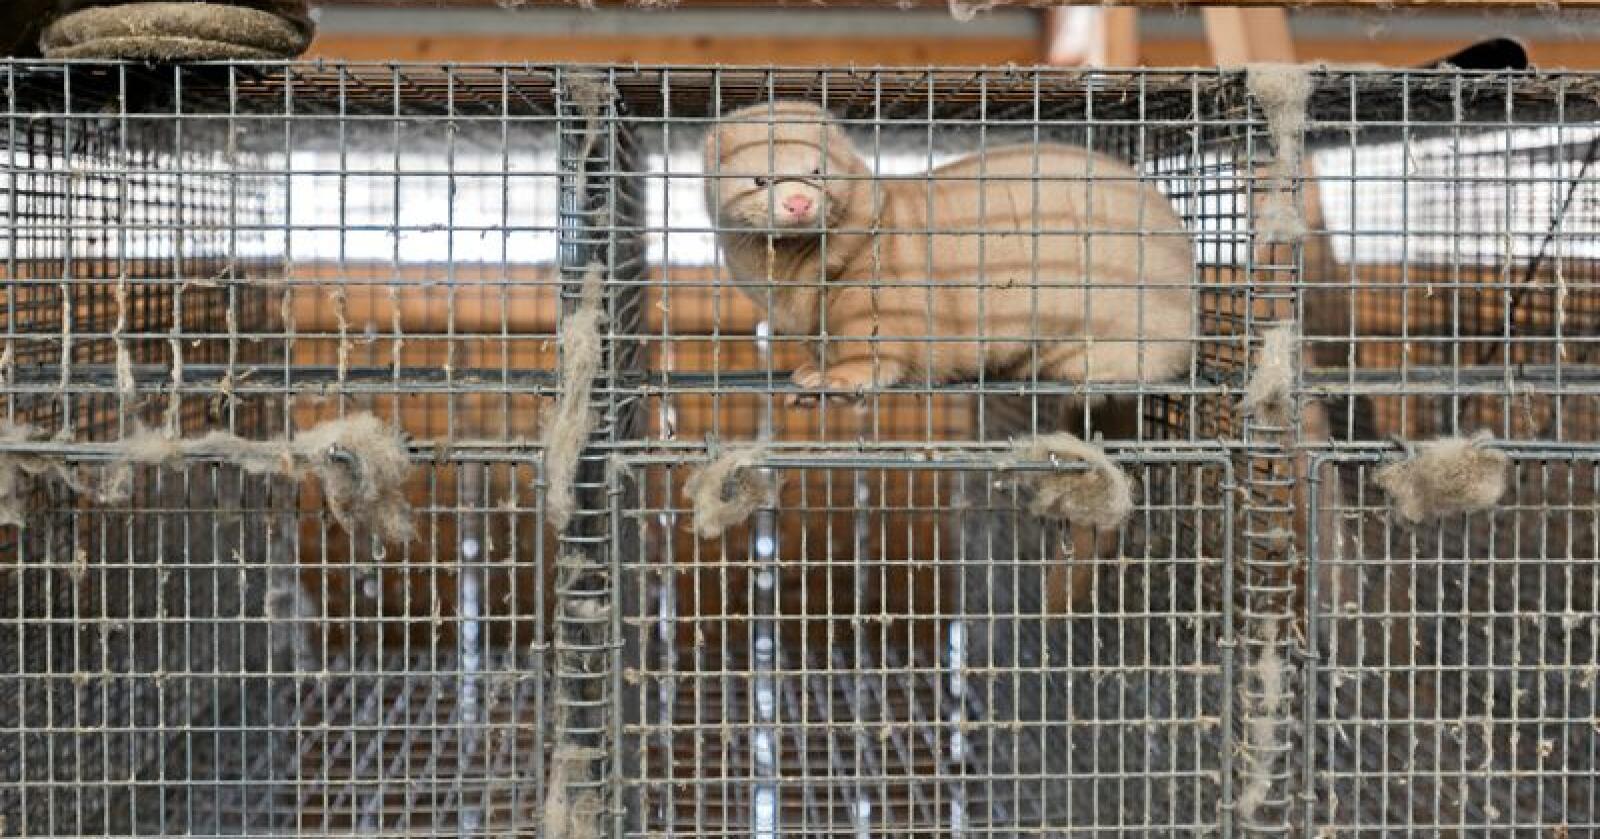 En rekke av landets ordførere oppfordrer til en fortsatt bærekraftig framtid for pelsdyrnæringen i Norge. Illustrasjonsfoto: Håvard Zeiner